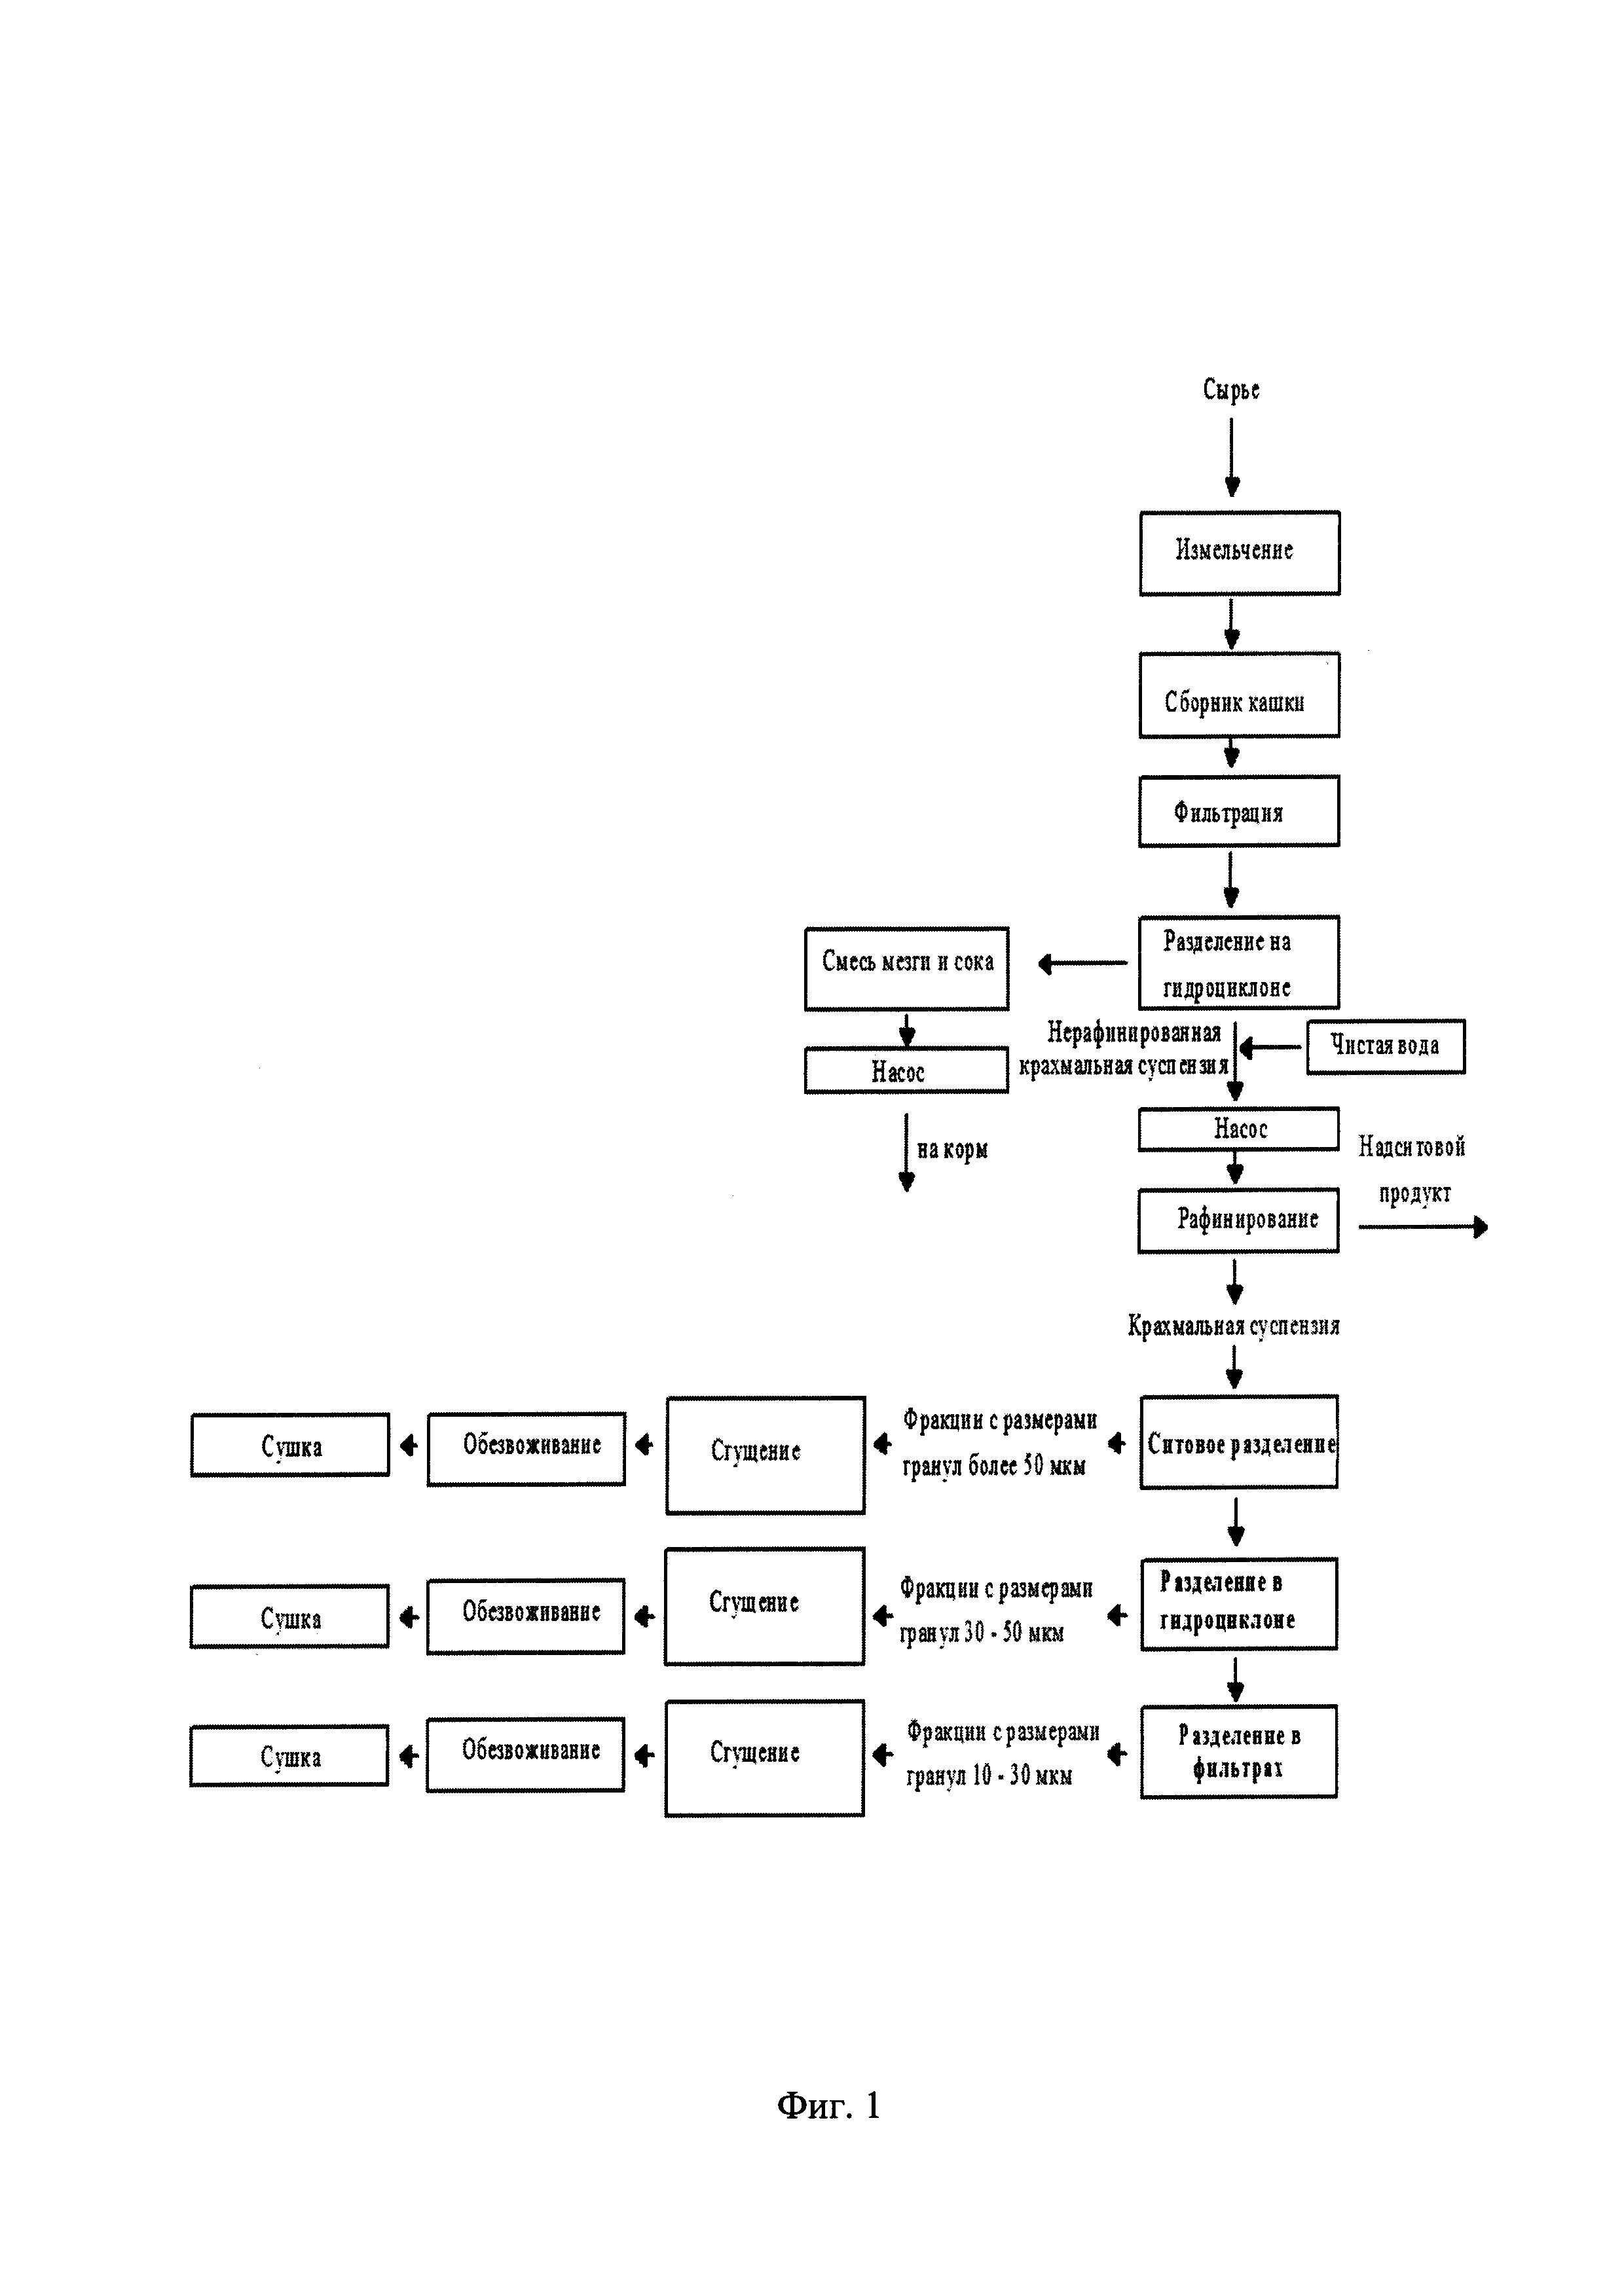 Способ выделения из крахмальной суспензии нативного крахмала, фракционированного по размеру крахмальных гранул